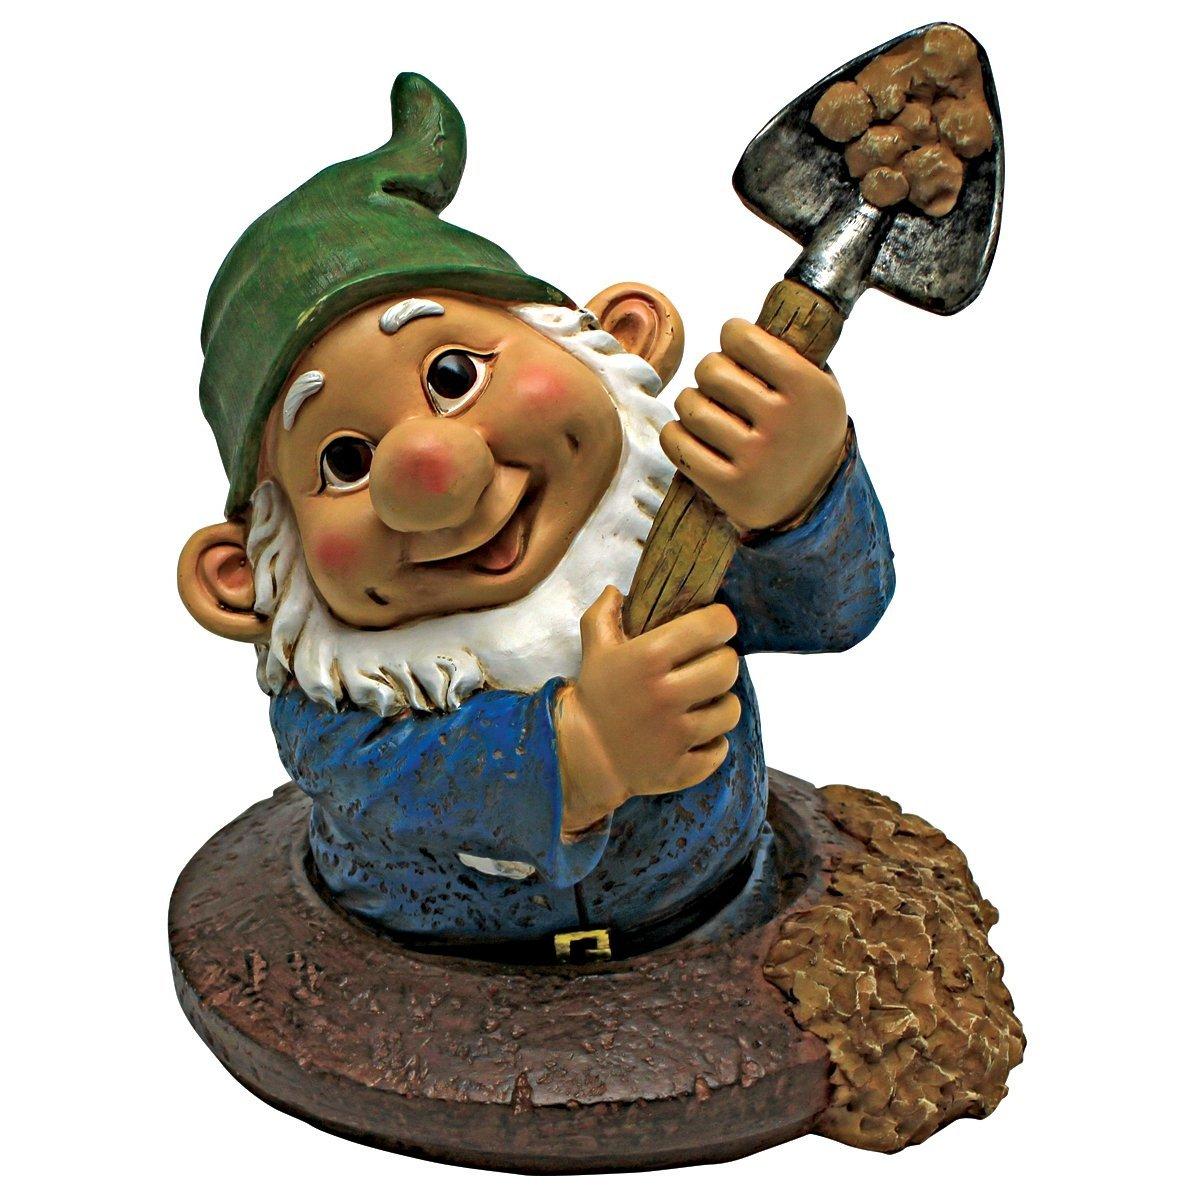 Design Toscano Garden Gnome Statue - Shoveling Sam Gnome-In-A-Hole - Outdoor Garden Gnomes - Funny Lawn Gnome Statues